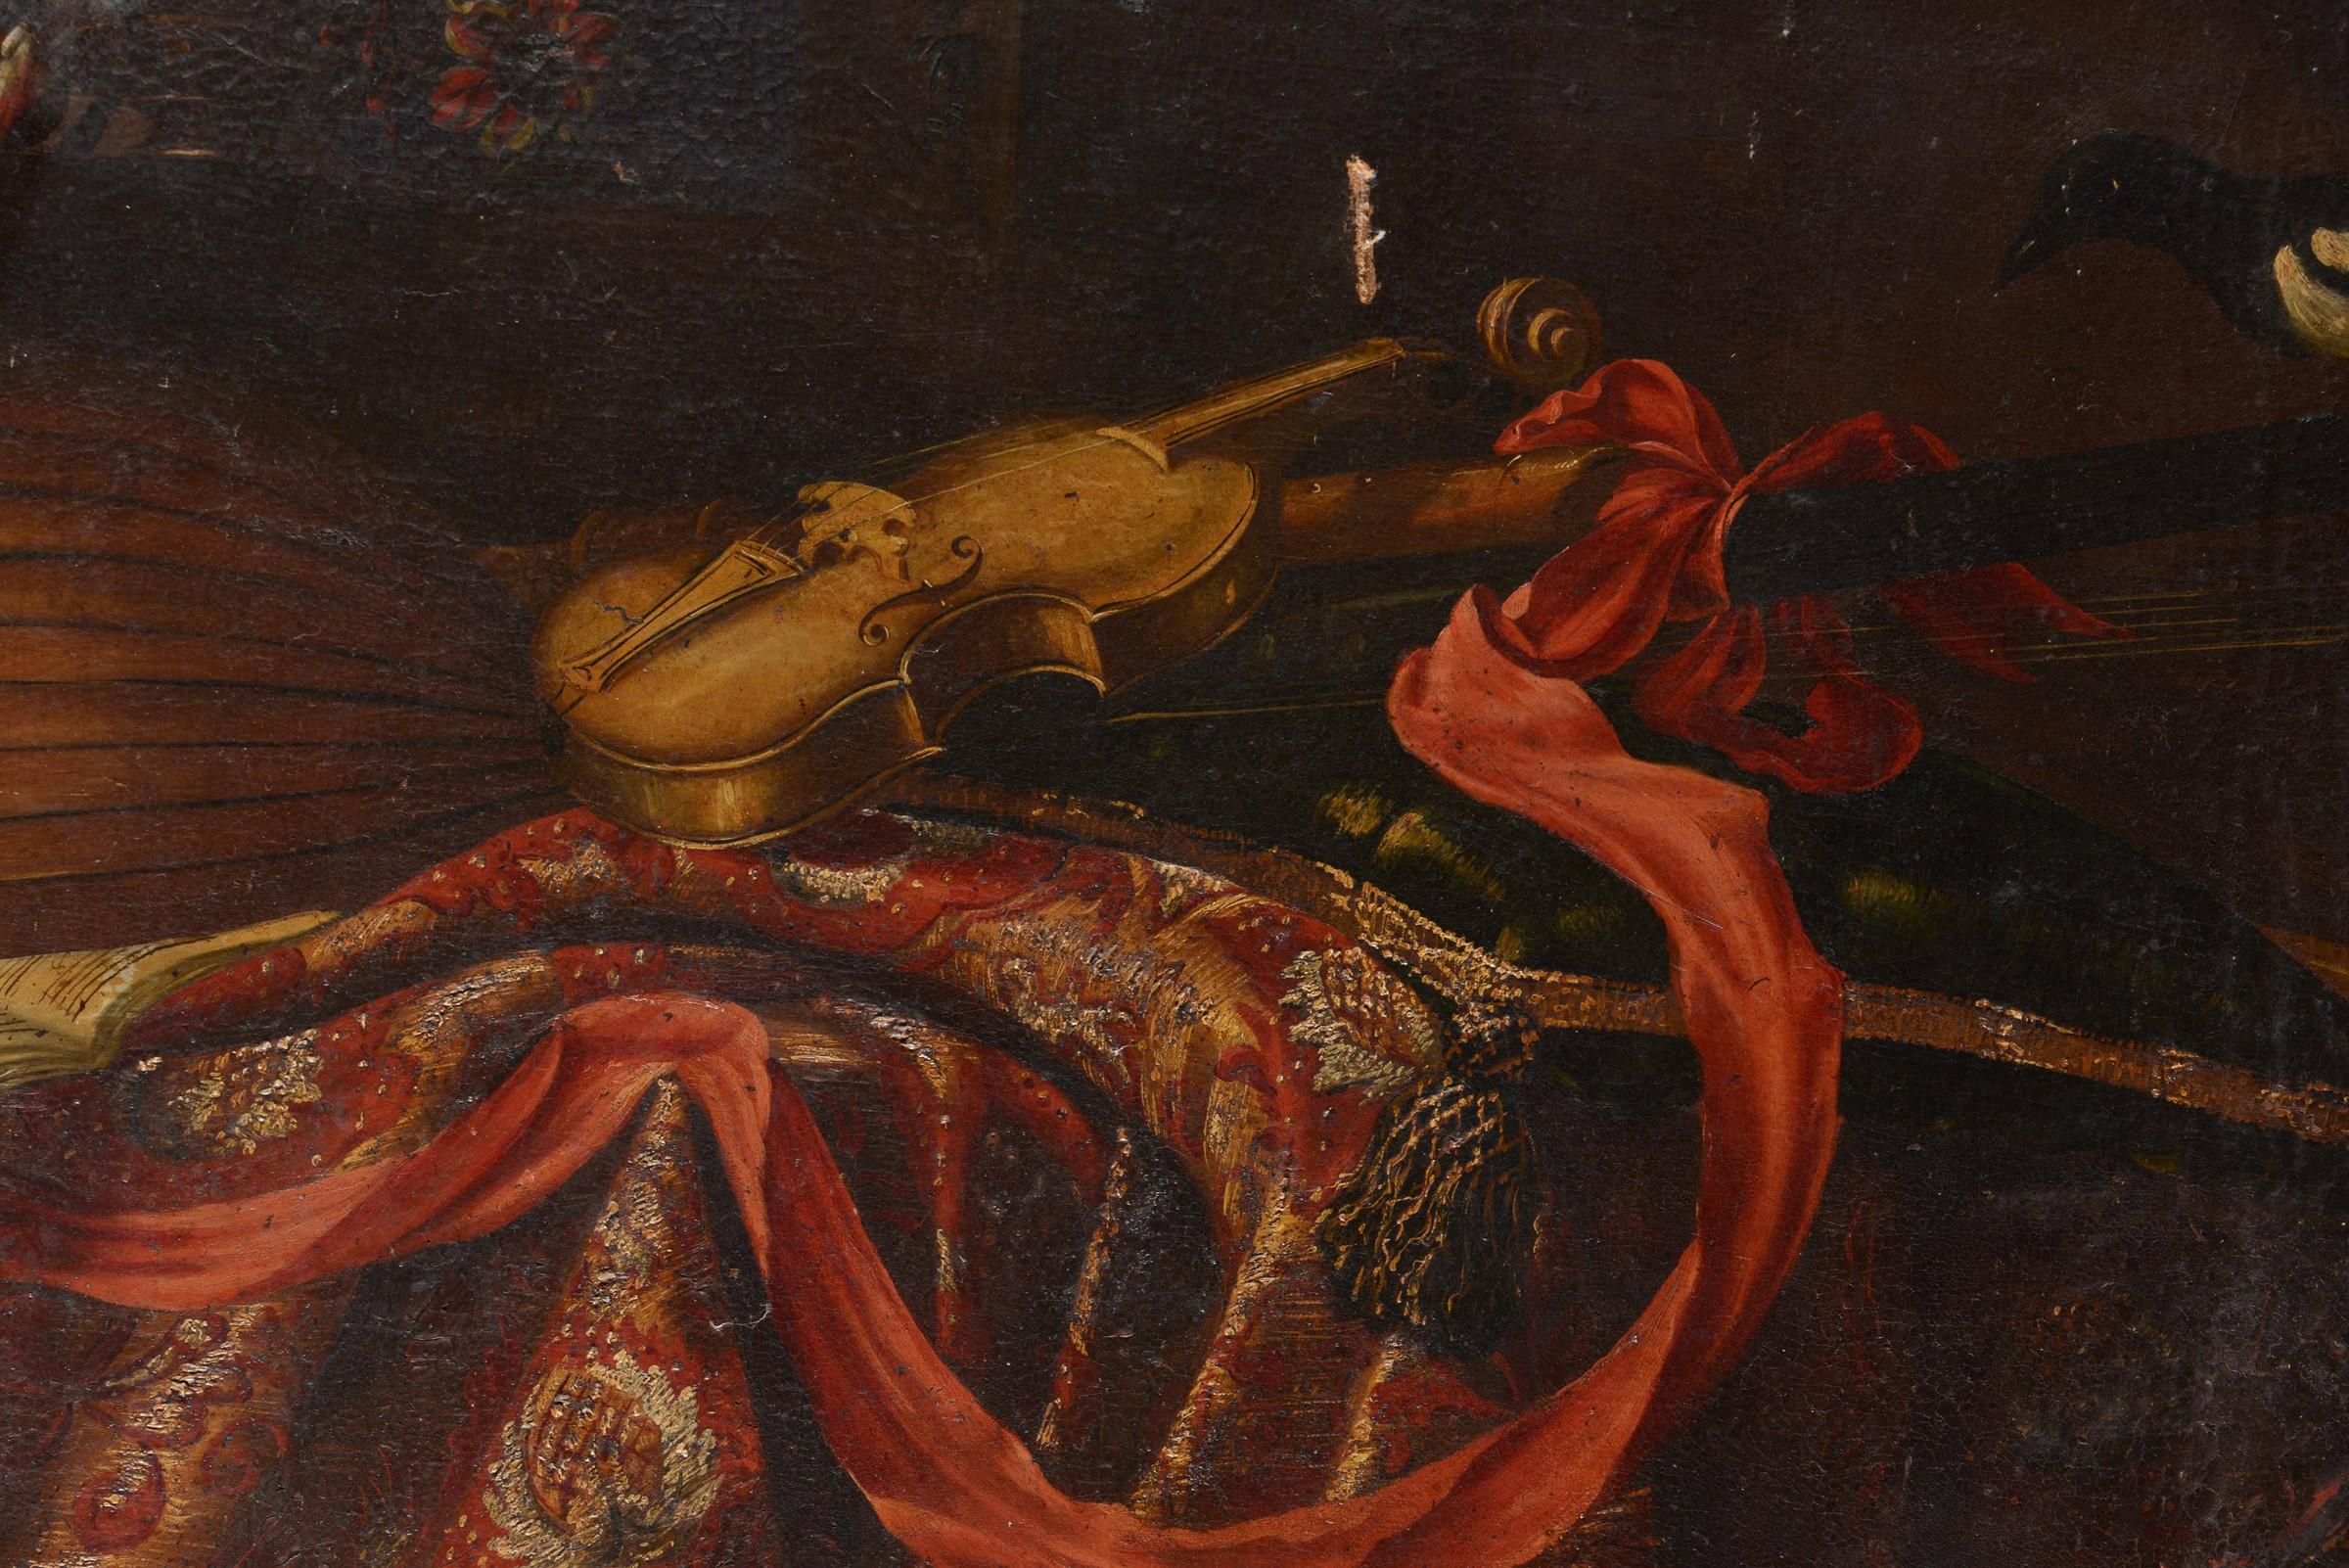 Giuseppe Recco (Napoli 1634 - Alicante 1695), Natura morta con strumenti e tappeti - [...] - Image 2 of 3